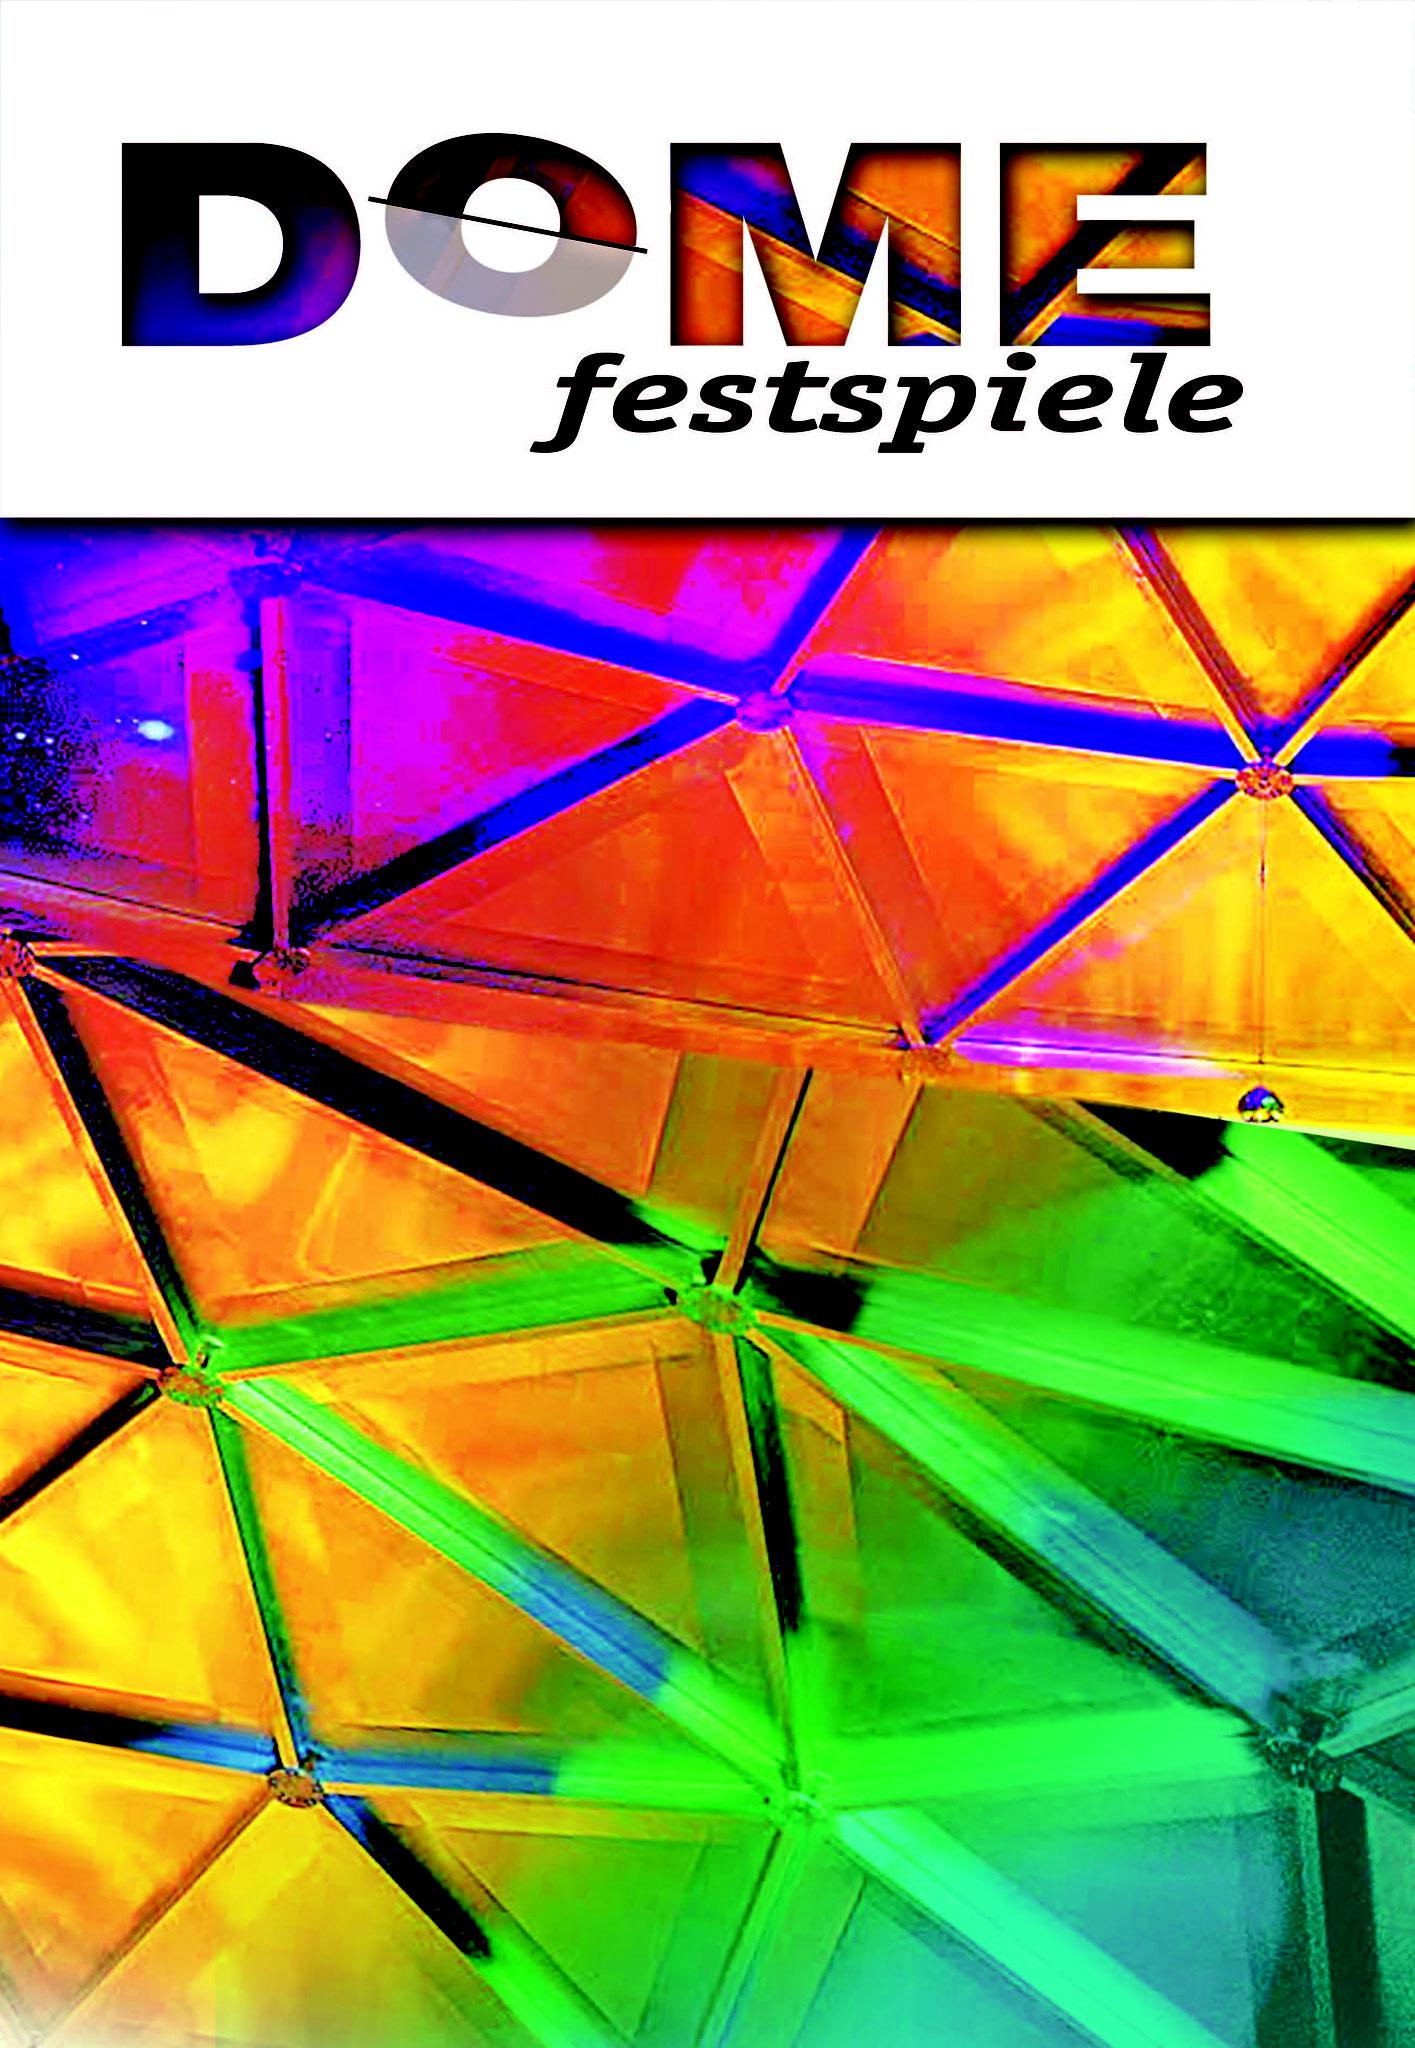 Dome Festspiele Plakat von Christine Winghardt Friedrichshafen